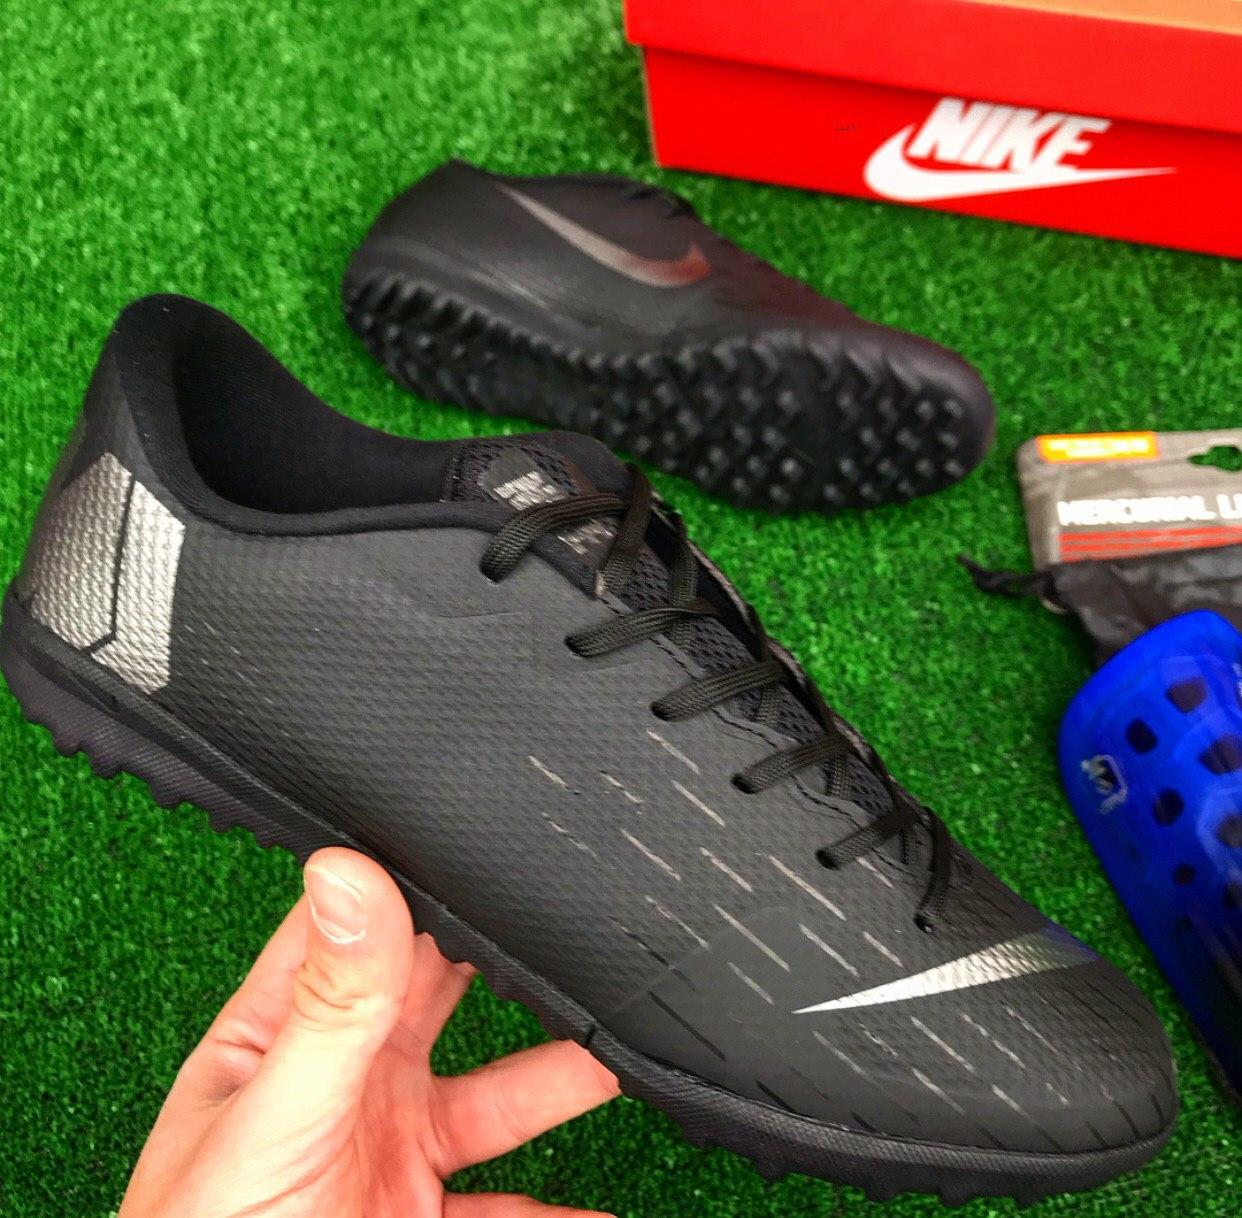 60e1aeb7 Купить Сороконожки Nike Mercurial ProXimo TF в Киеве от компании ...